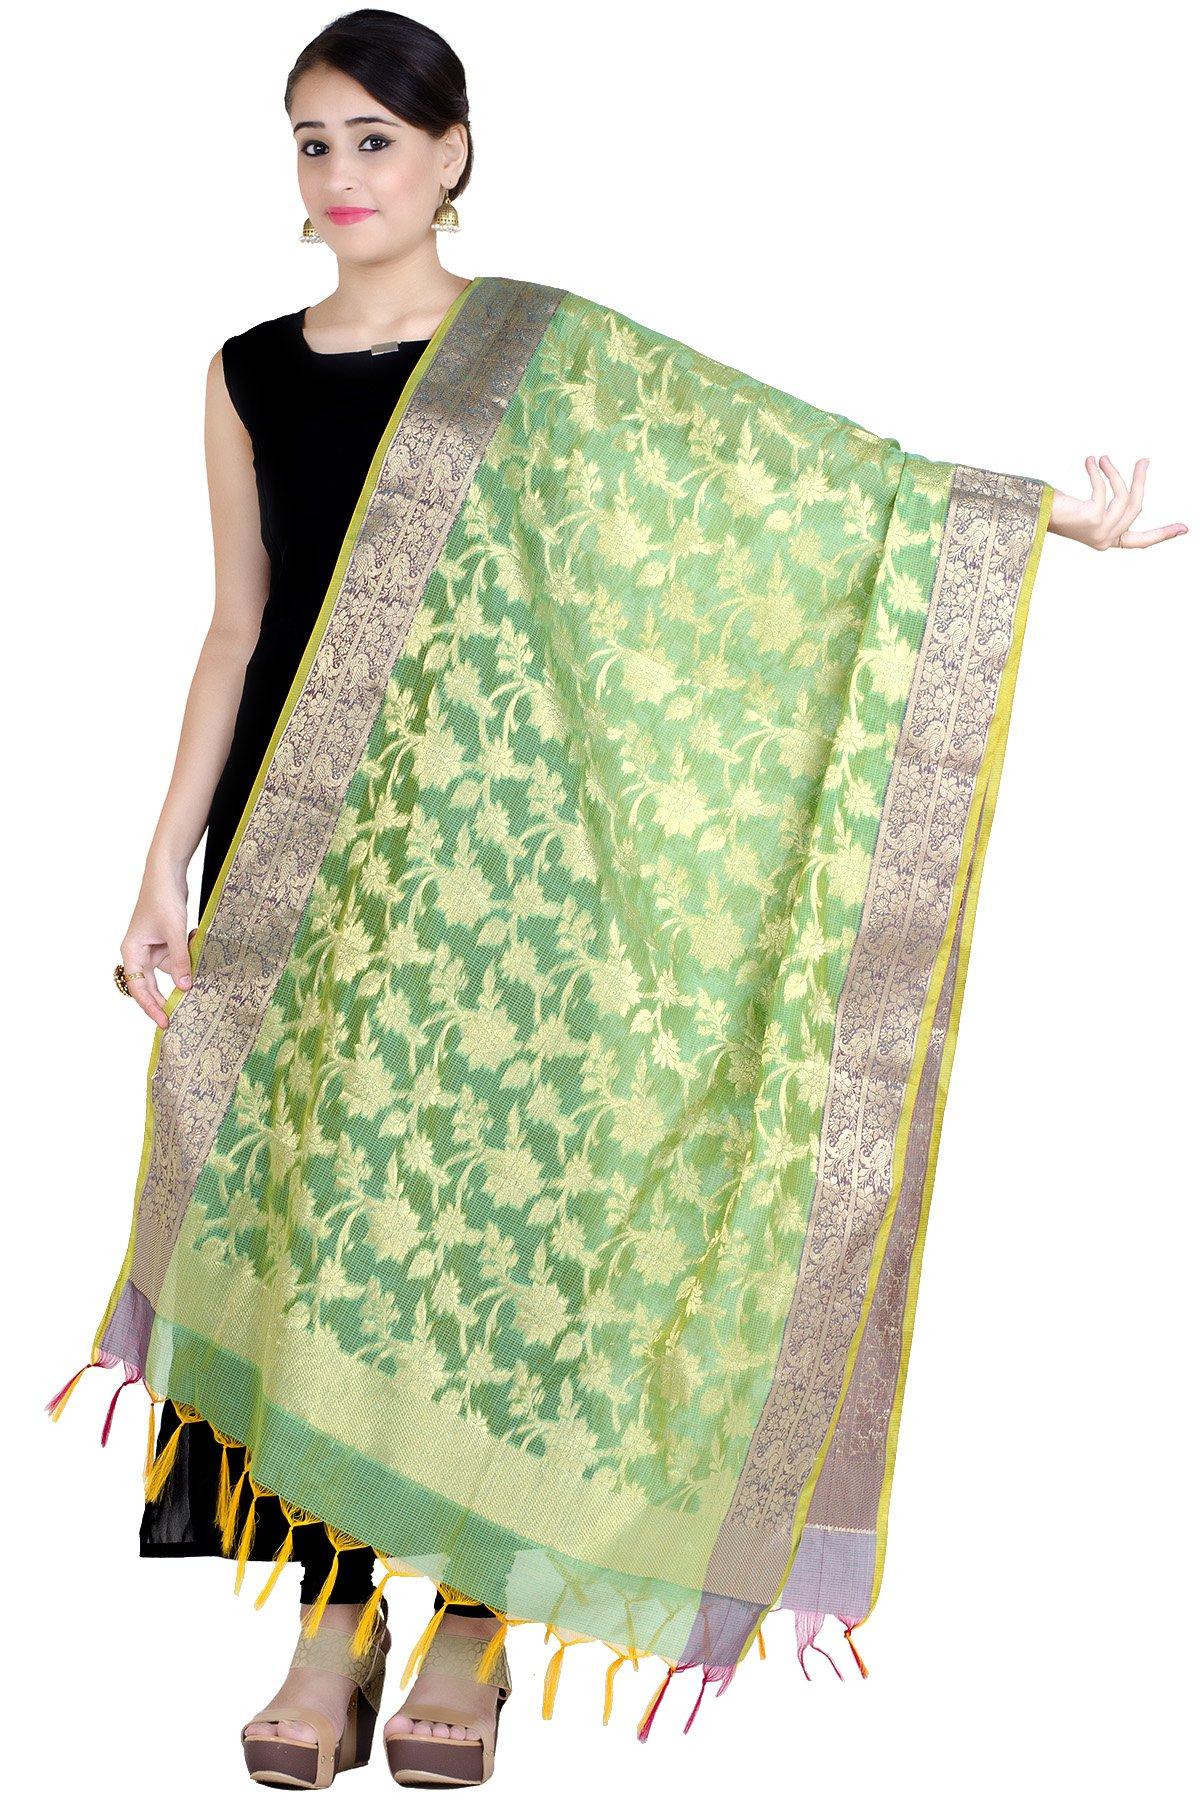 Chandrakala Women's Handwoven Zari Work Banarasi Dupatta Stole Scarf (Green)